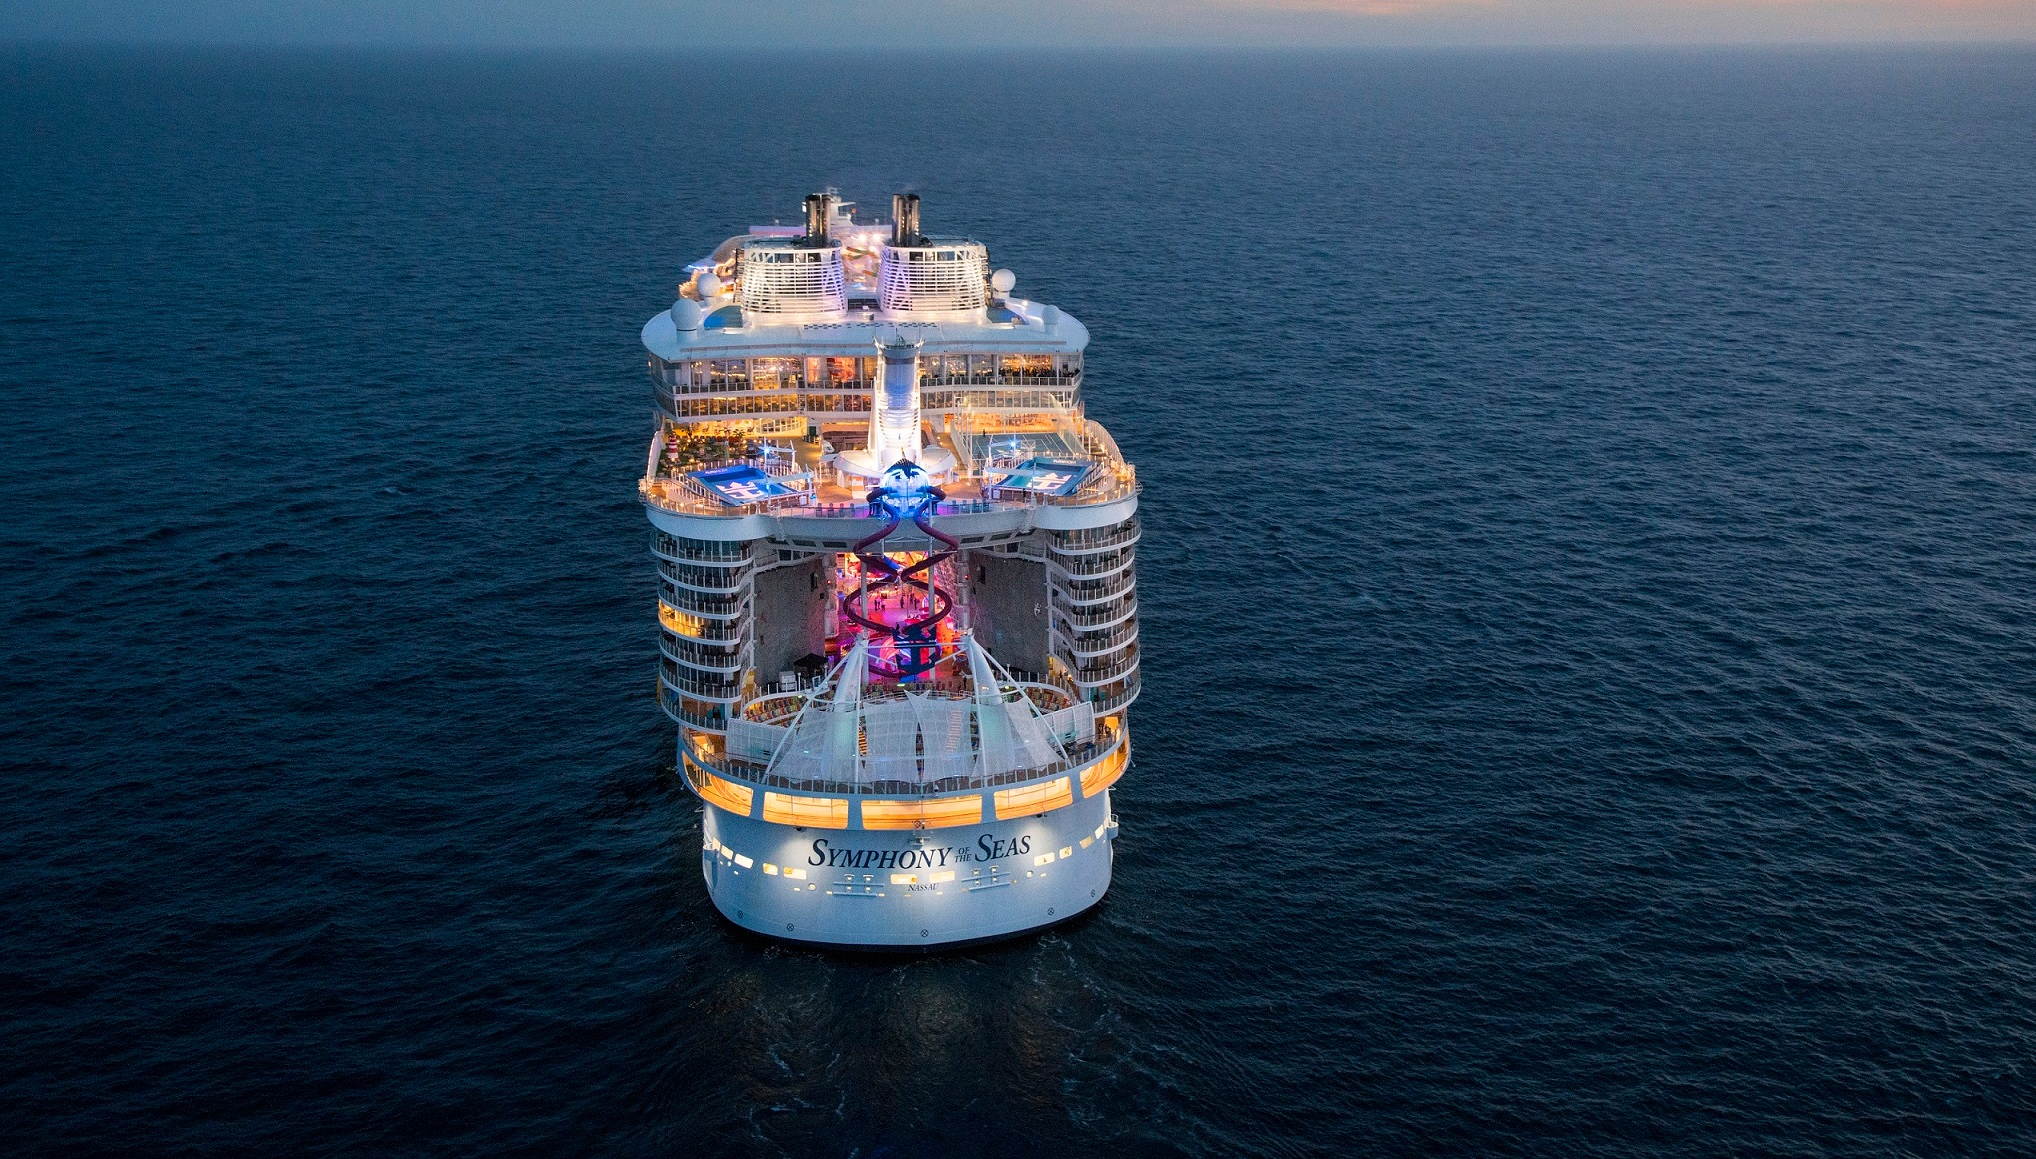 Världens största kryssningsfartyg - Symphony of The Seas. Klicka här för att se alla våra avgångar med detta fantastiska fartyg. Pris från 7900 kr per person för en veckas kryssning.